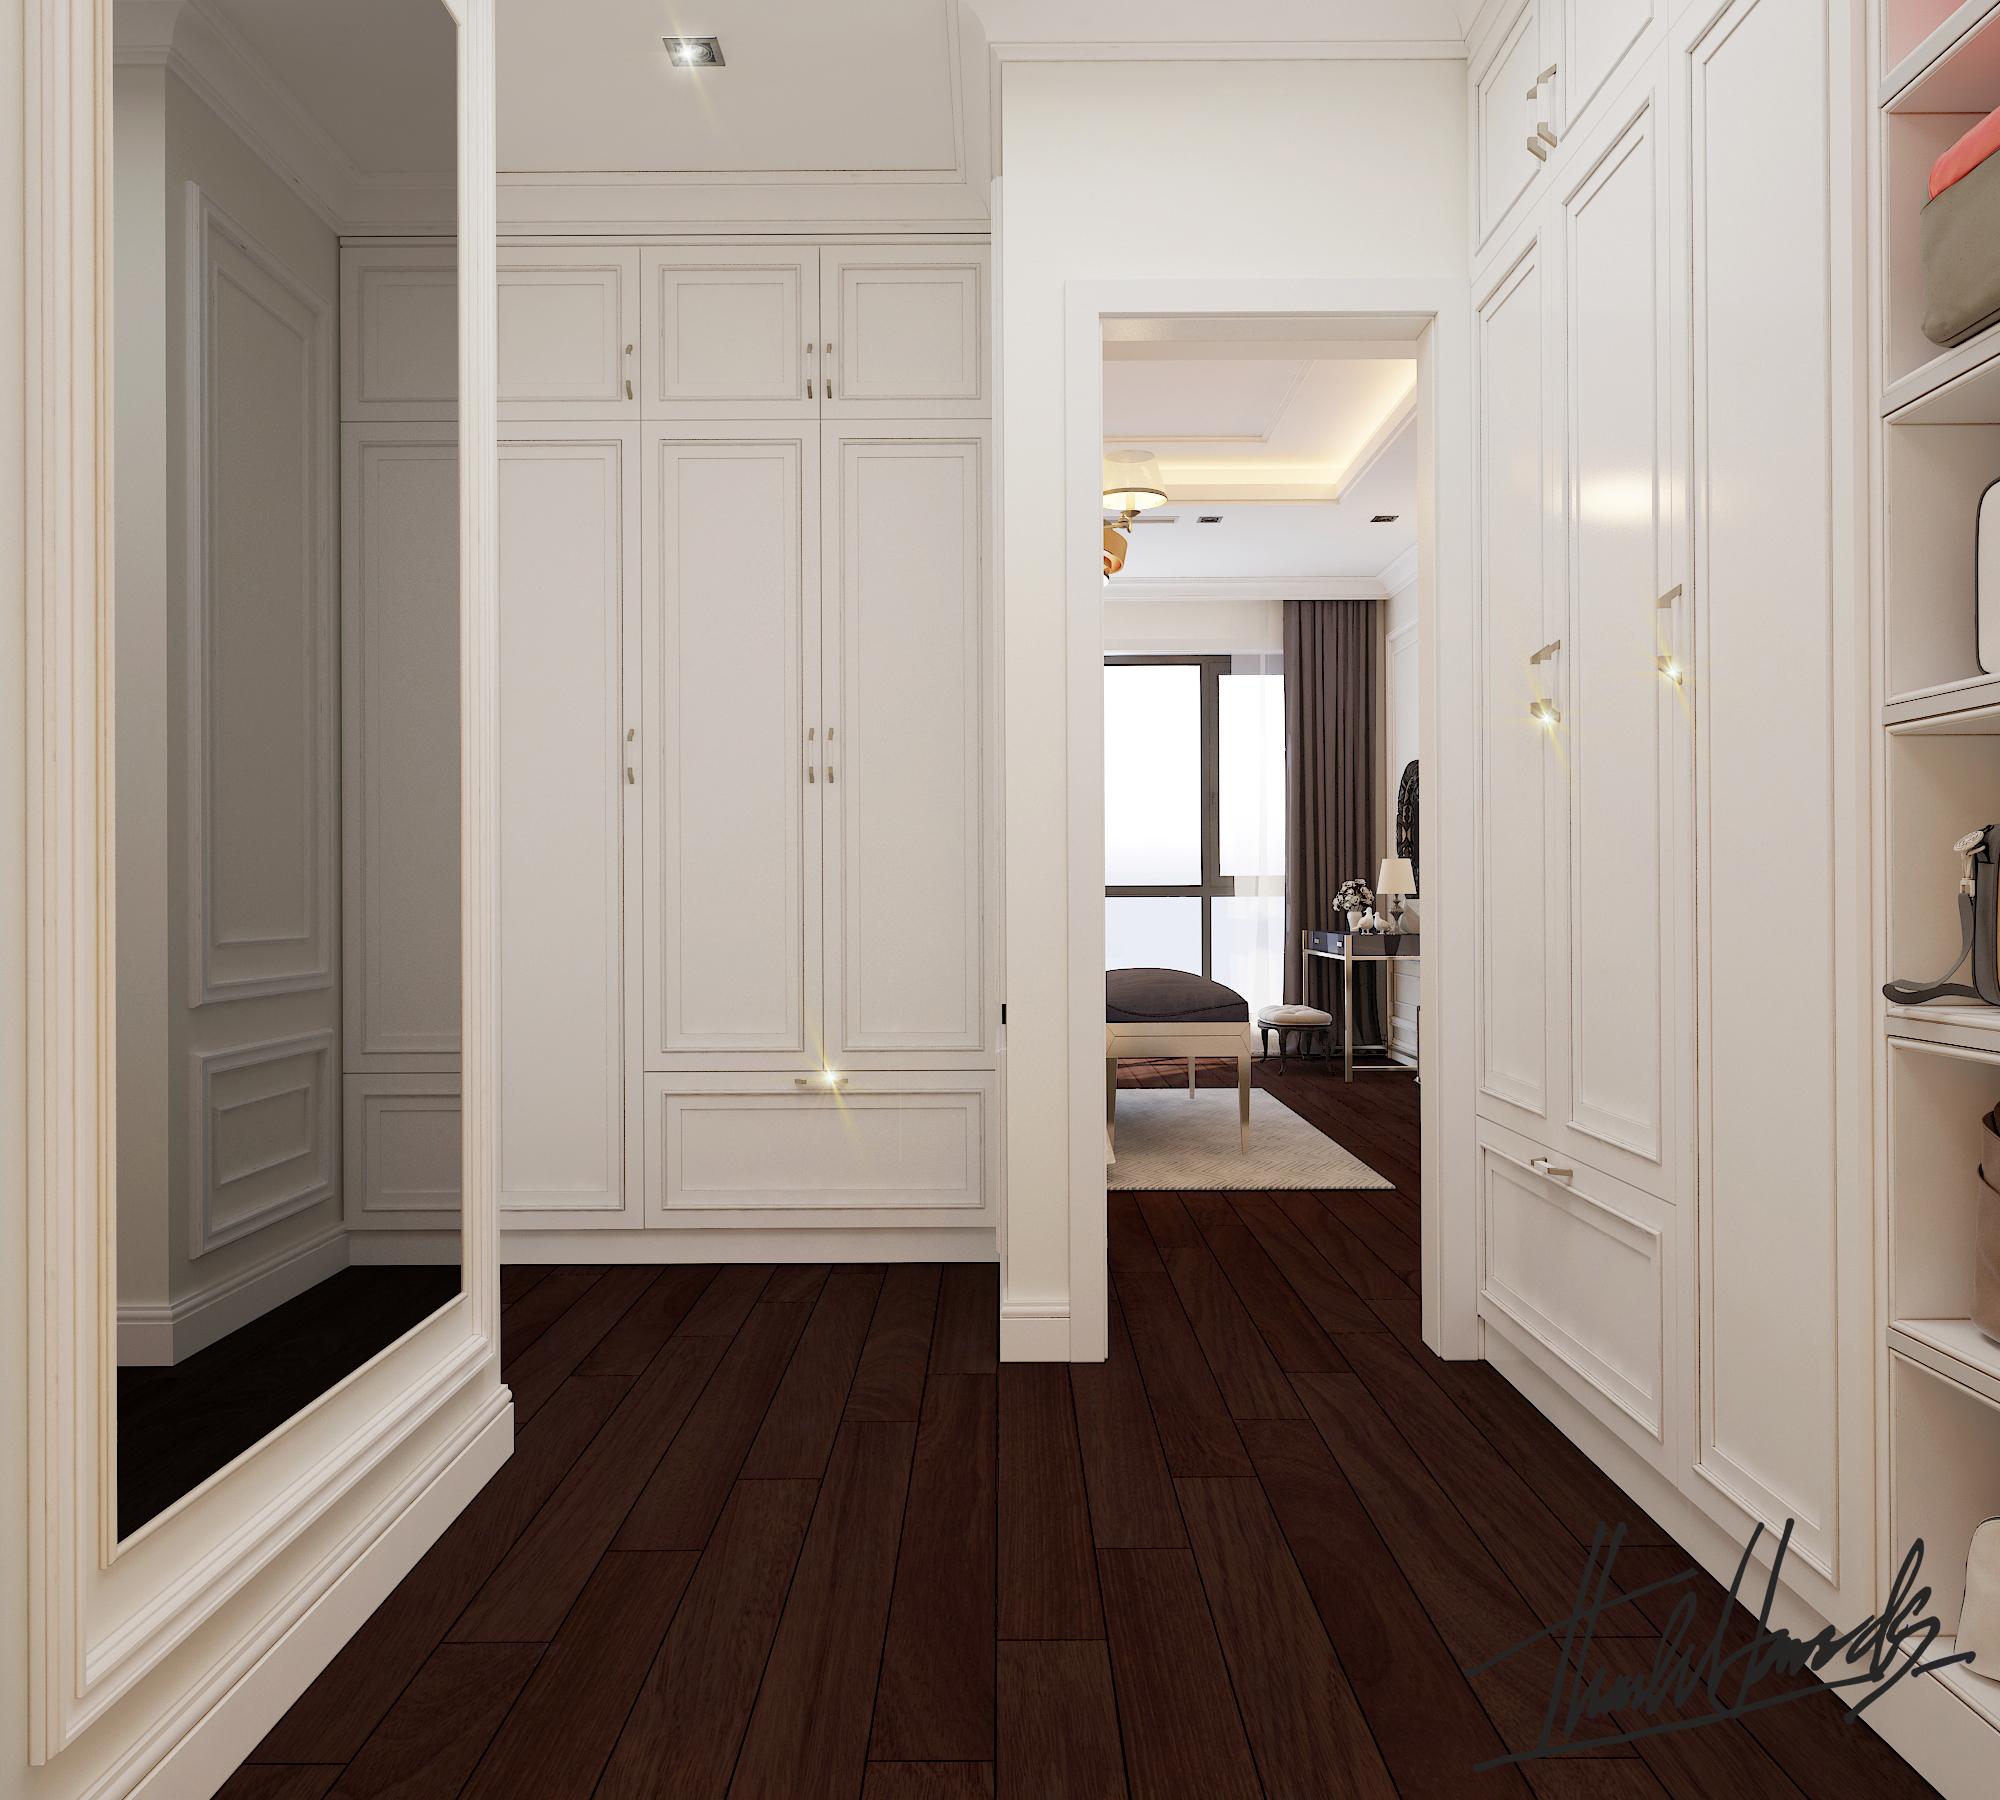 thiết kế nội thất chung cư tại Hà Nội chung cu royacity 14 1568191836